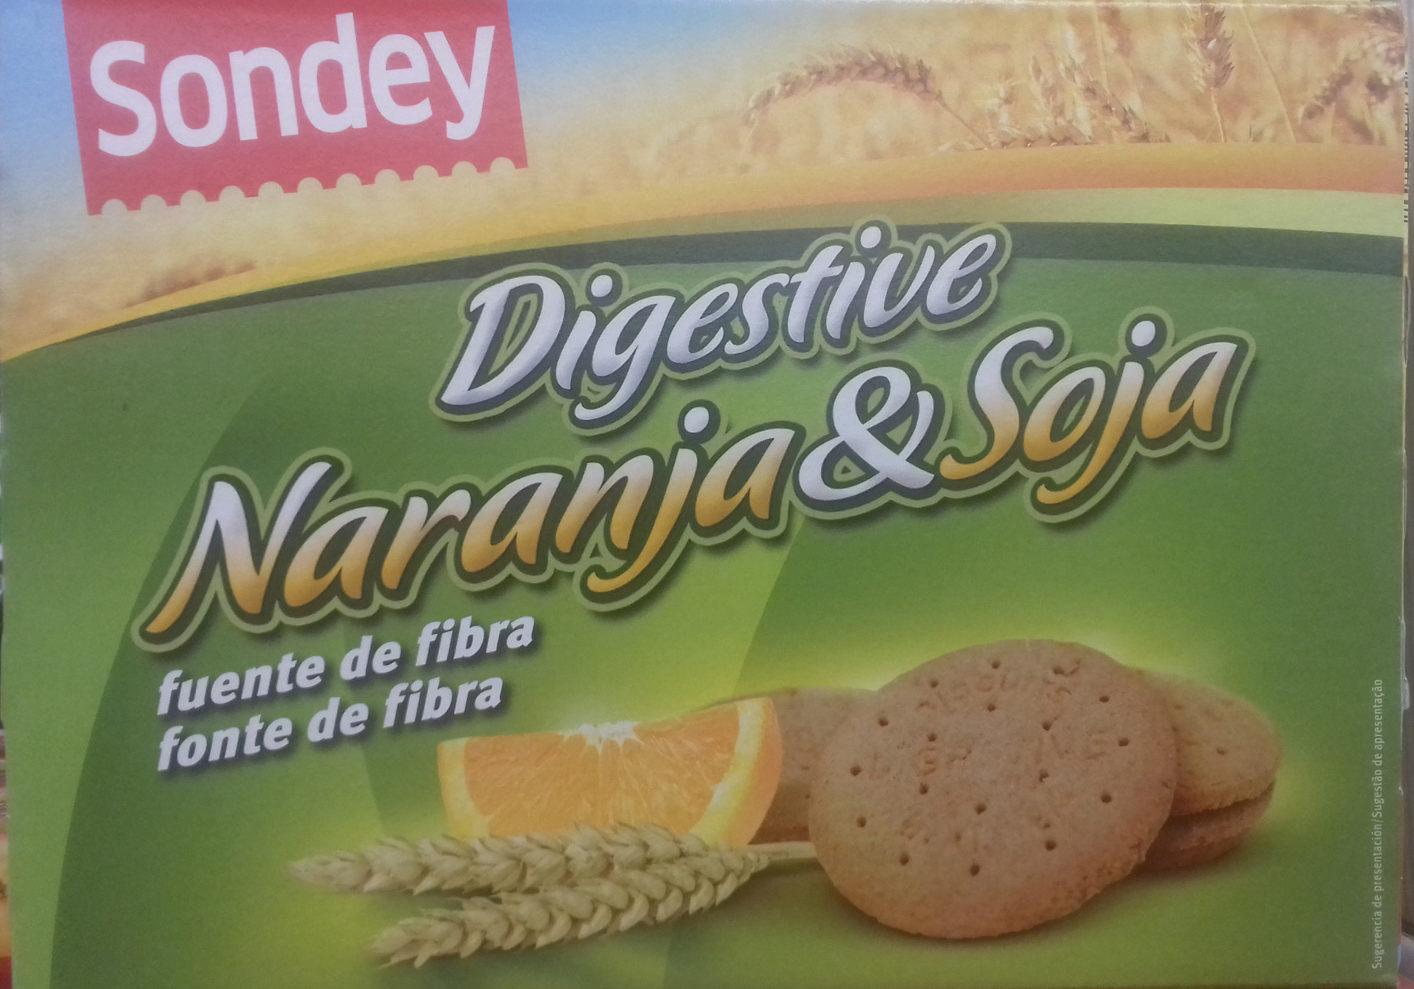 Galletas Digestive Naranja & Soja - Produkt - es